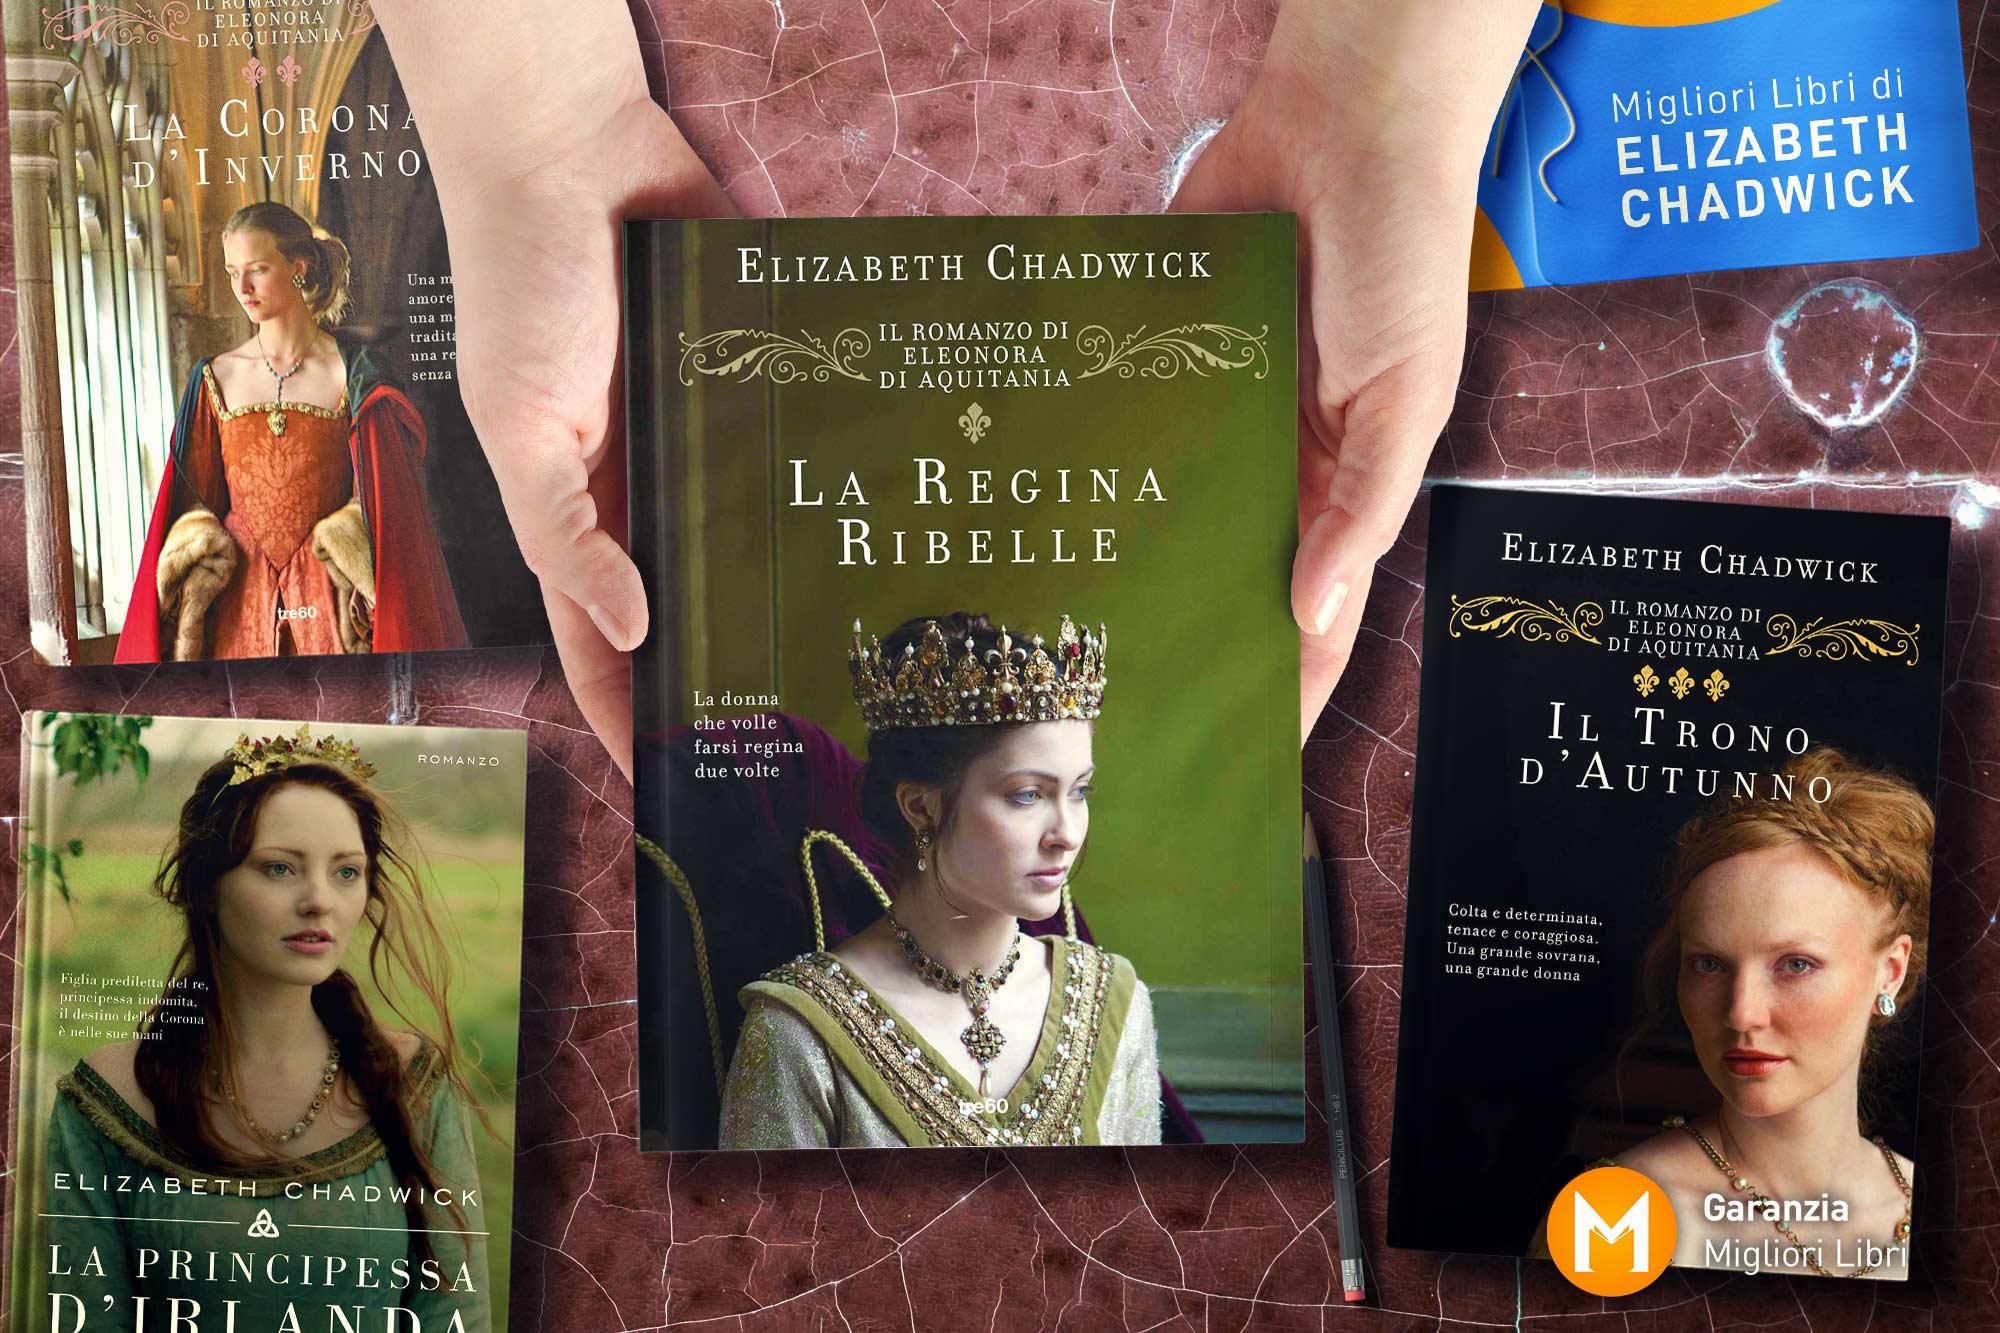 migliori-libri-elizabeth-chadwick